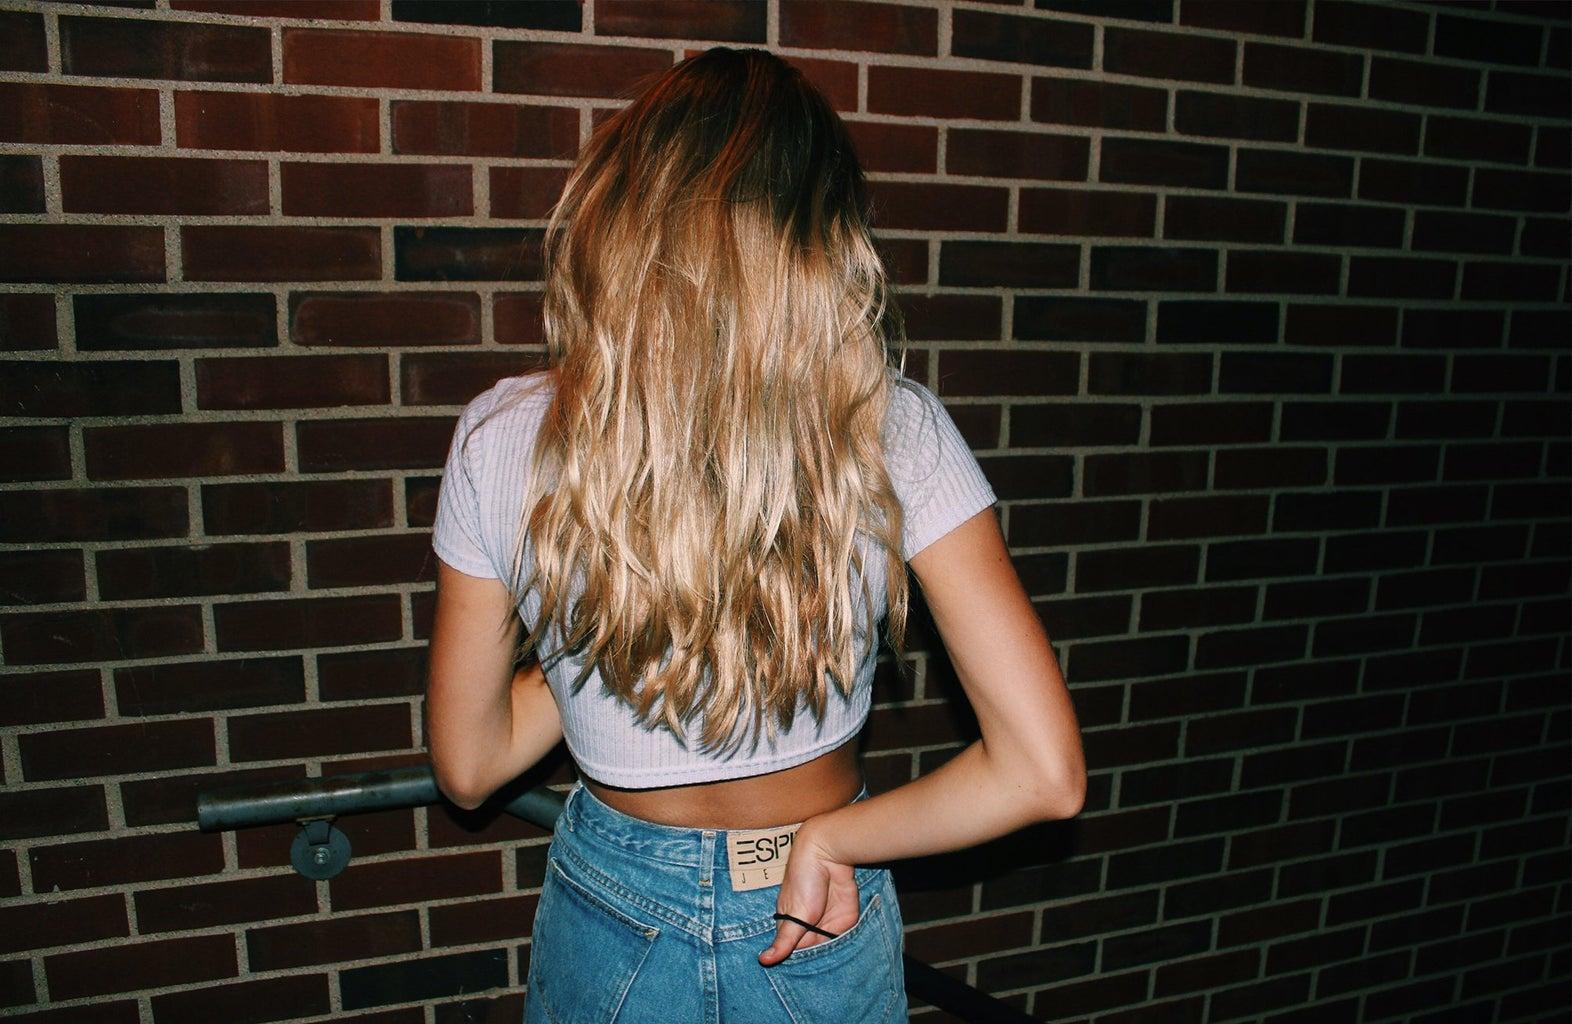 Anna Schultz-Hair Goals Against Brick Wall